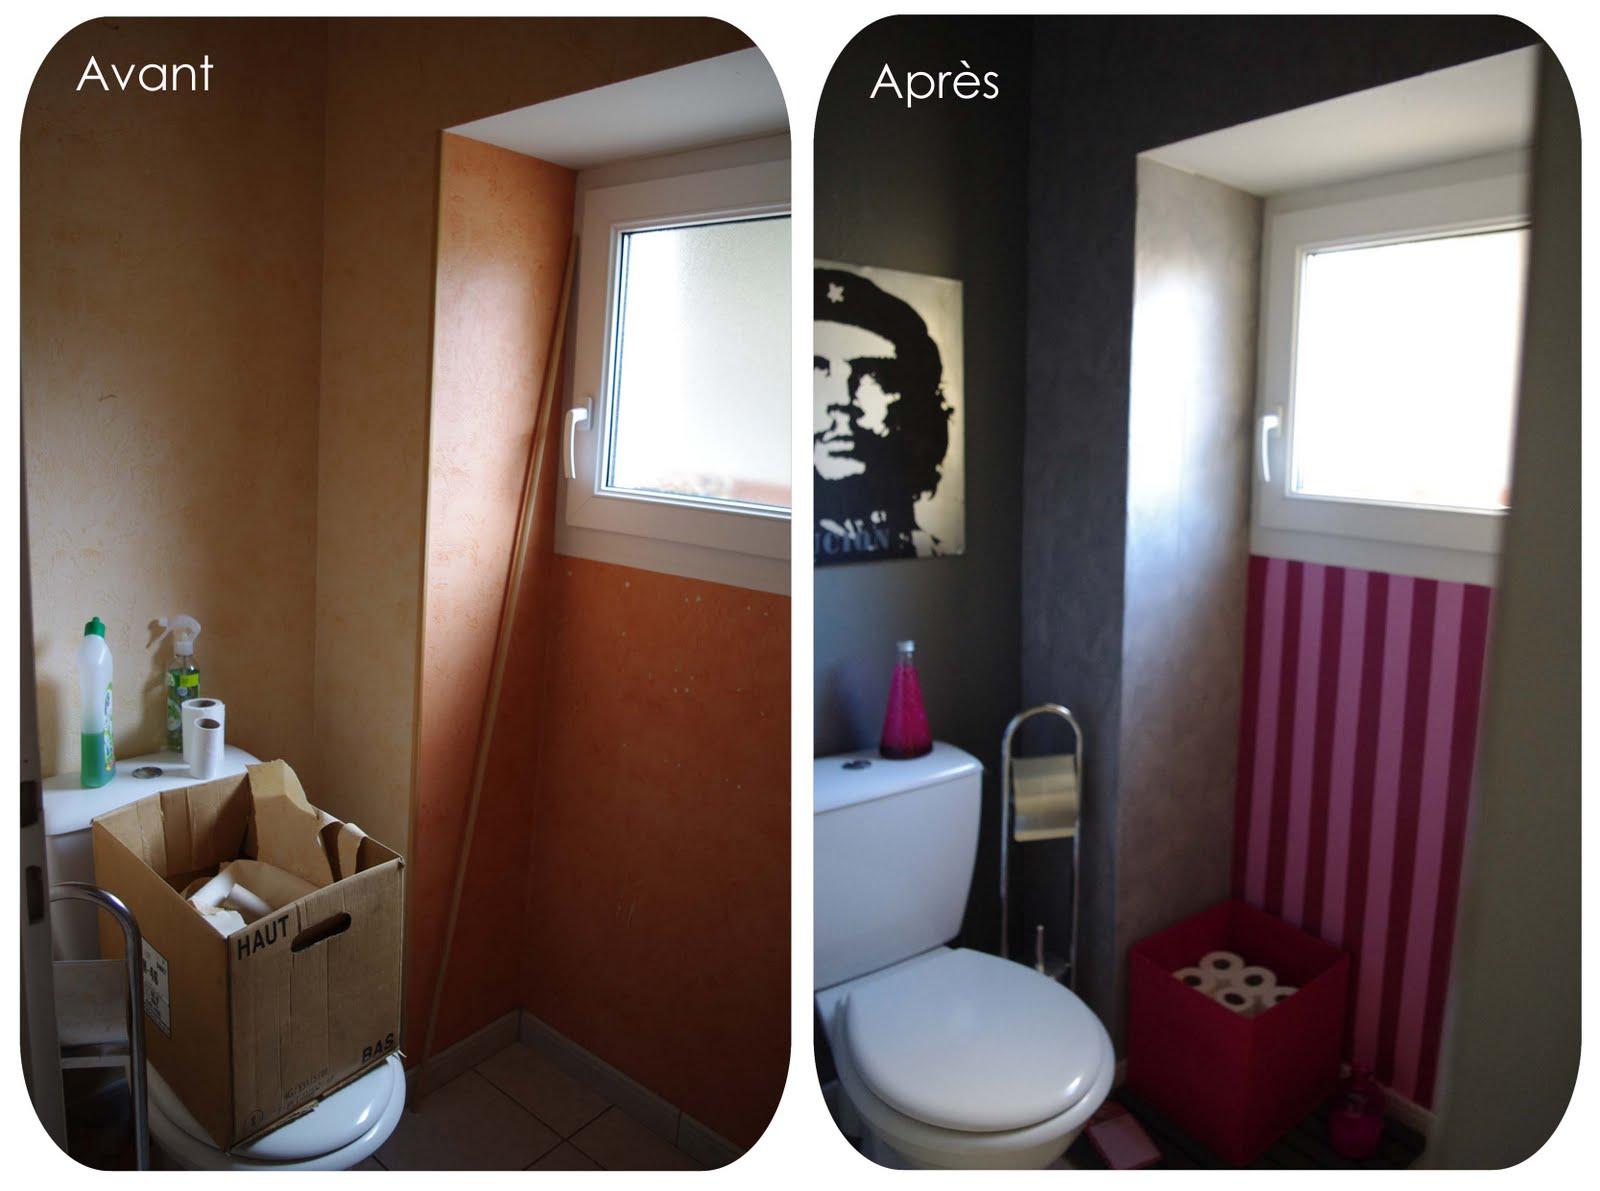 papier peint bureau halloween rouen estimation loyer maison gratuit en ligne soci t mdsrem. Black Bedroom Furniture Sets. Home Design Ideas